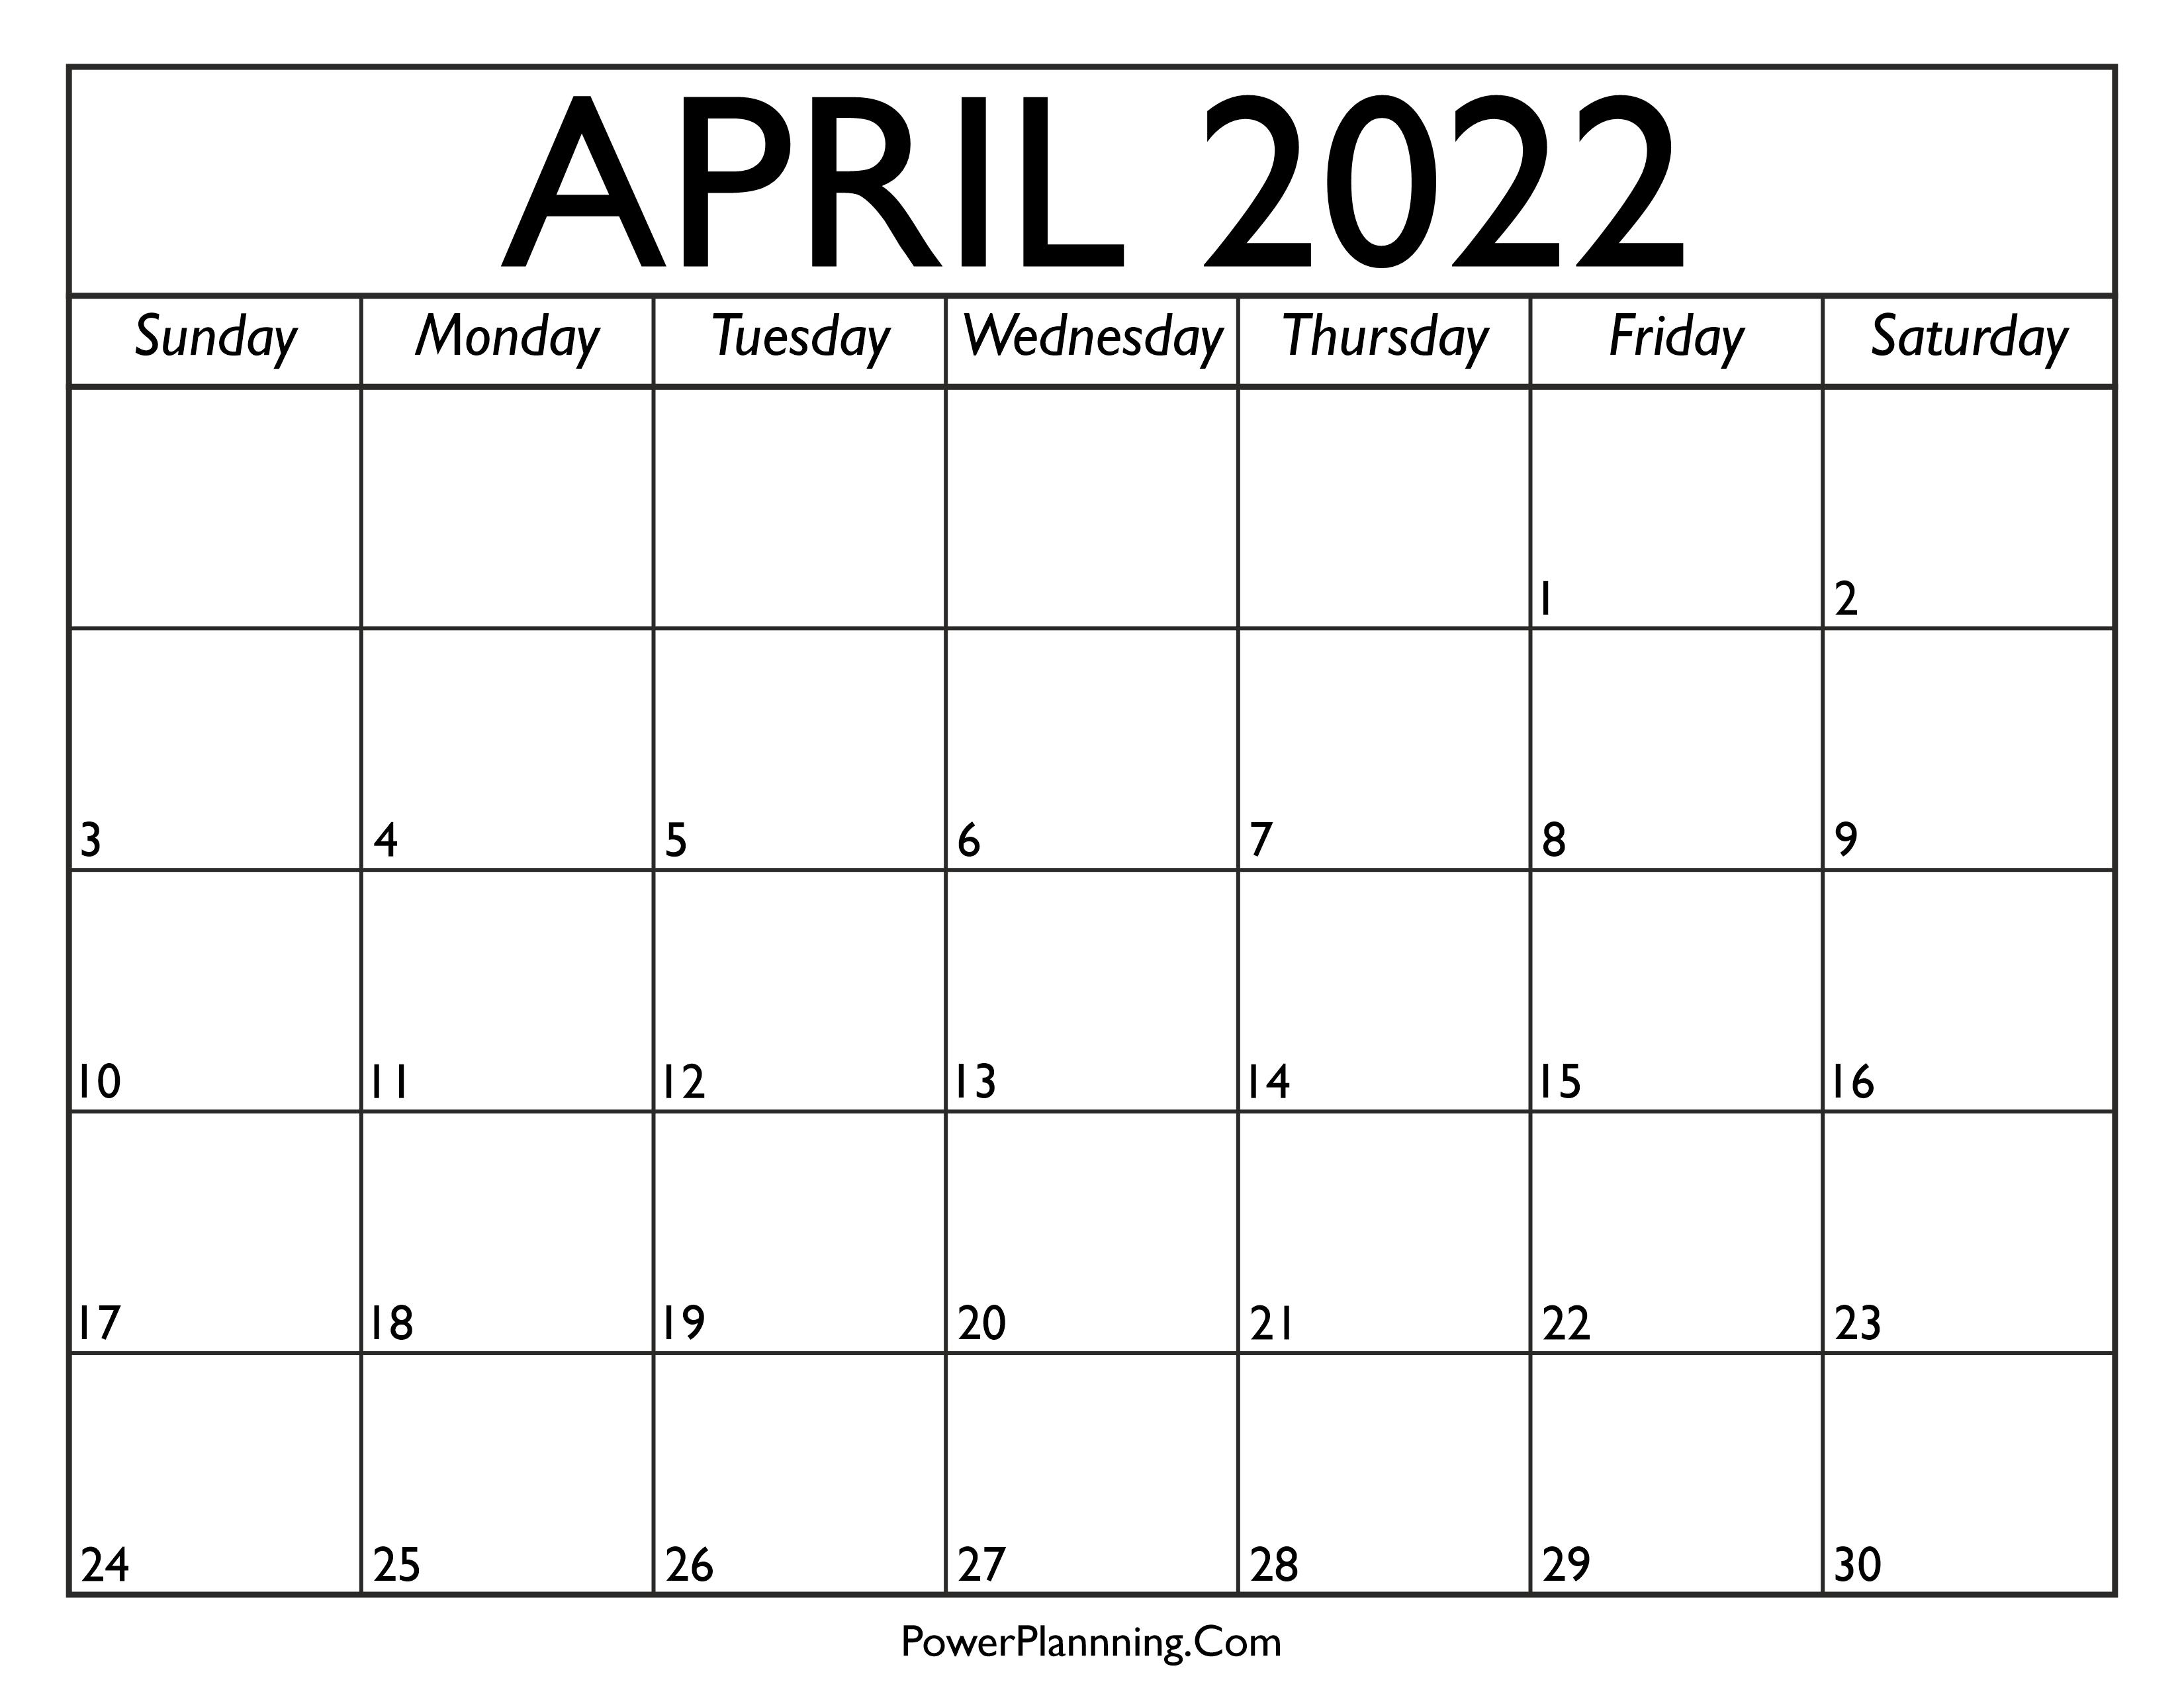 Calendar for April 2022